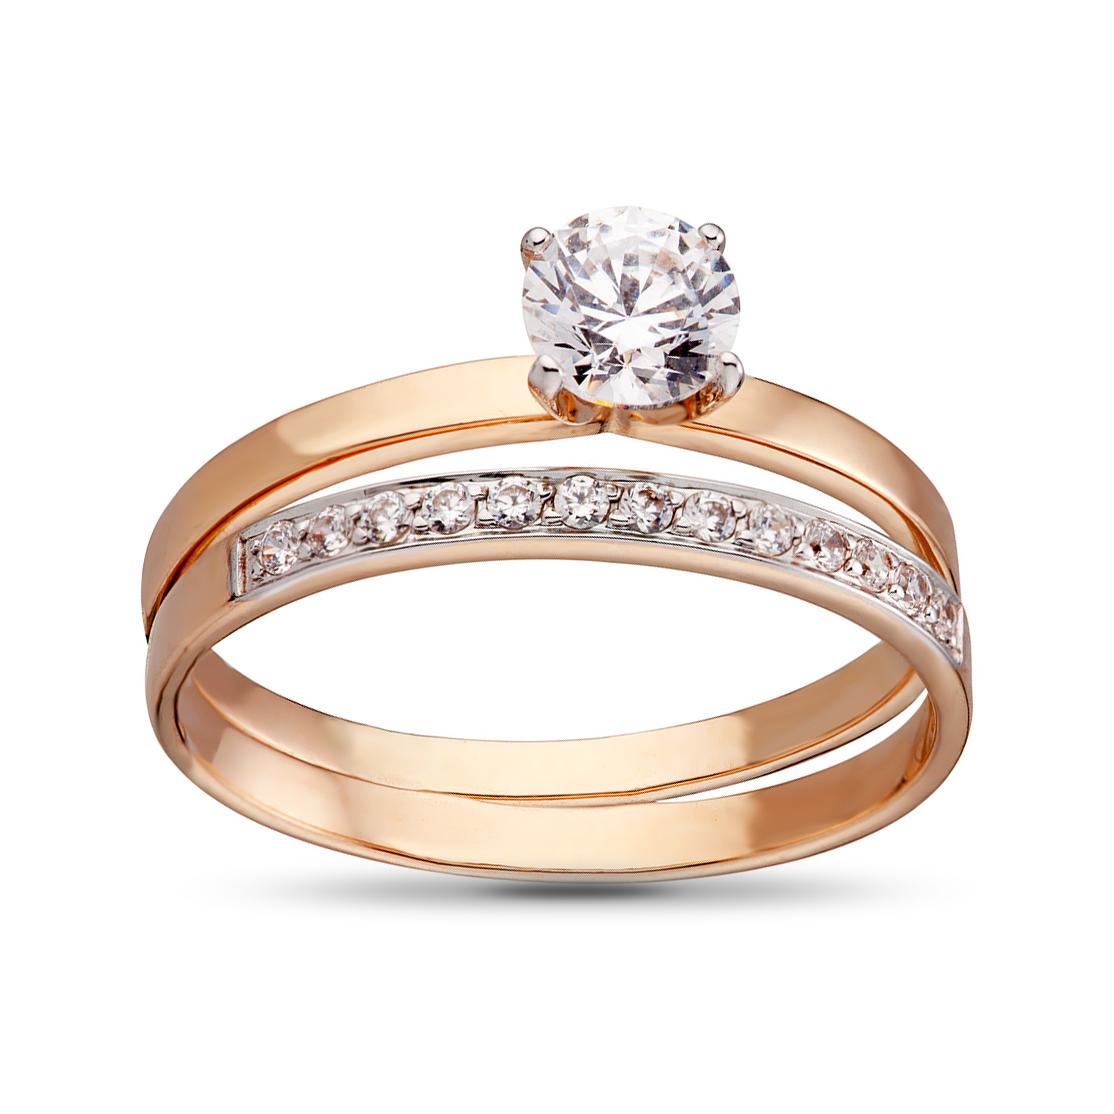 Кольцо-трансформер с кристаллами SWAROVSKI из золота